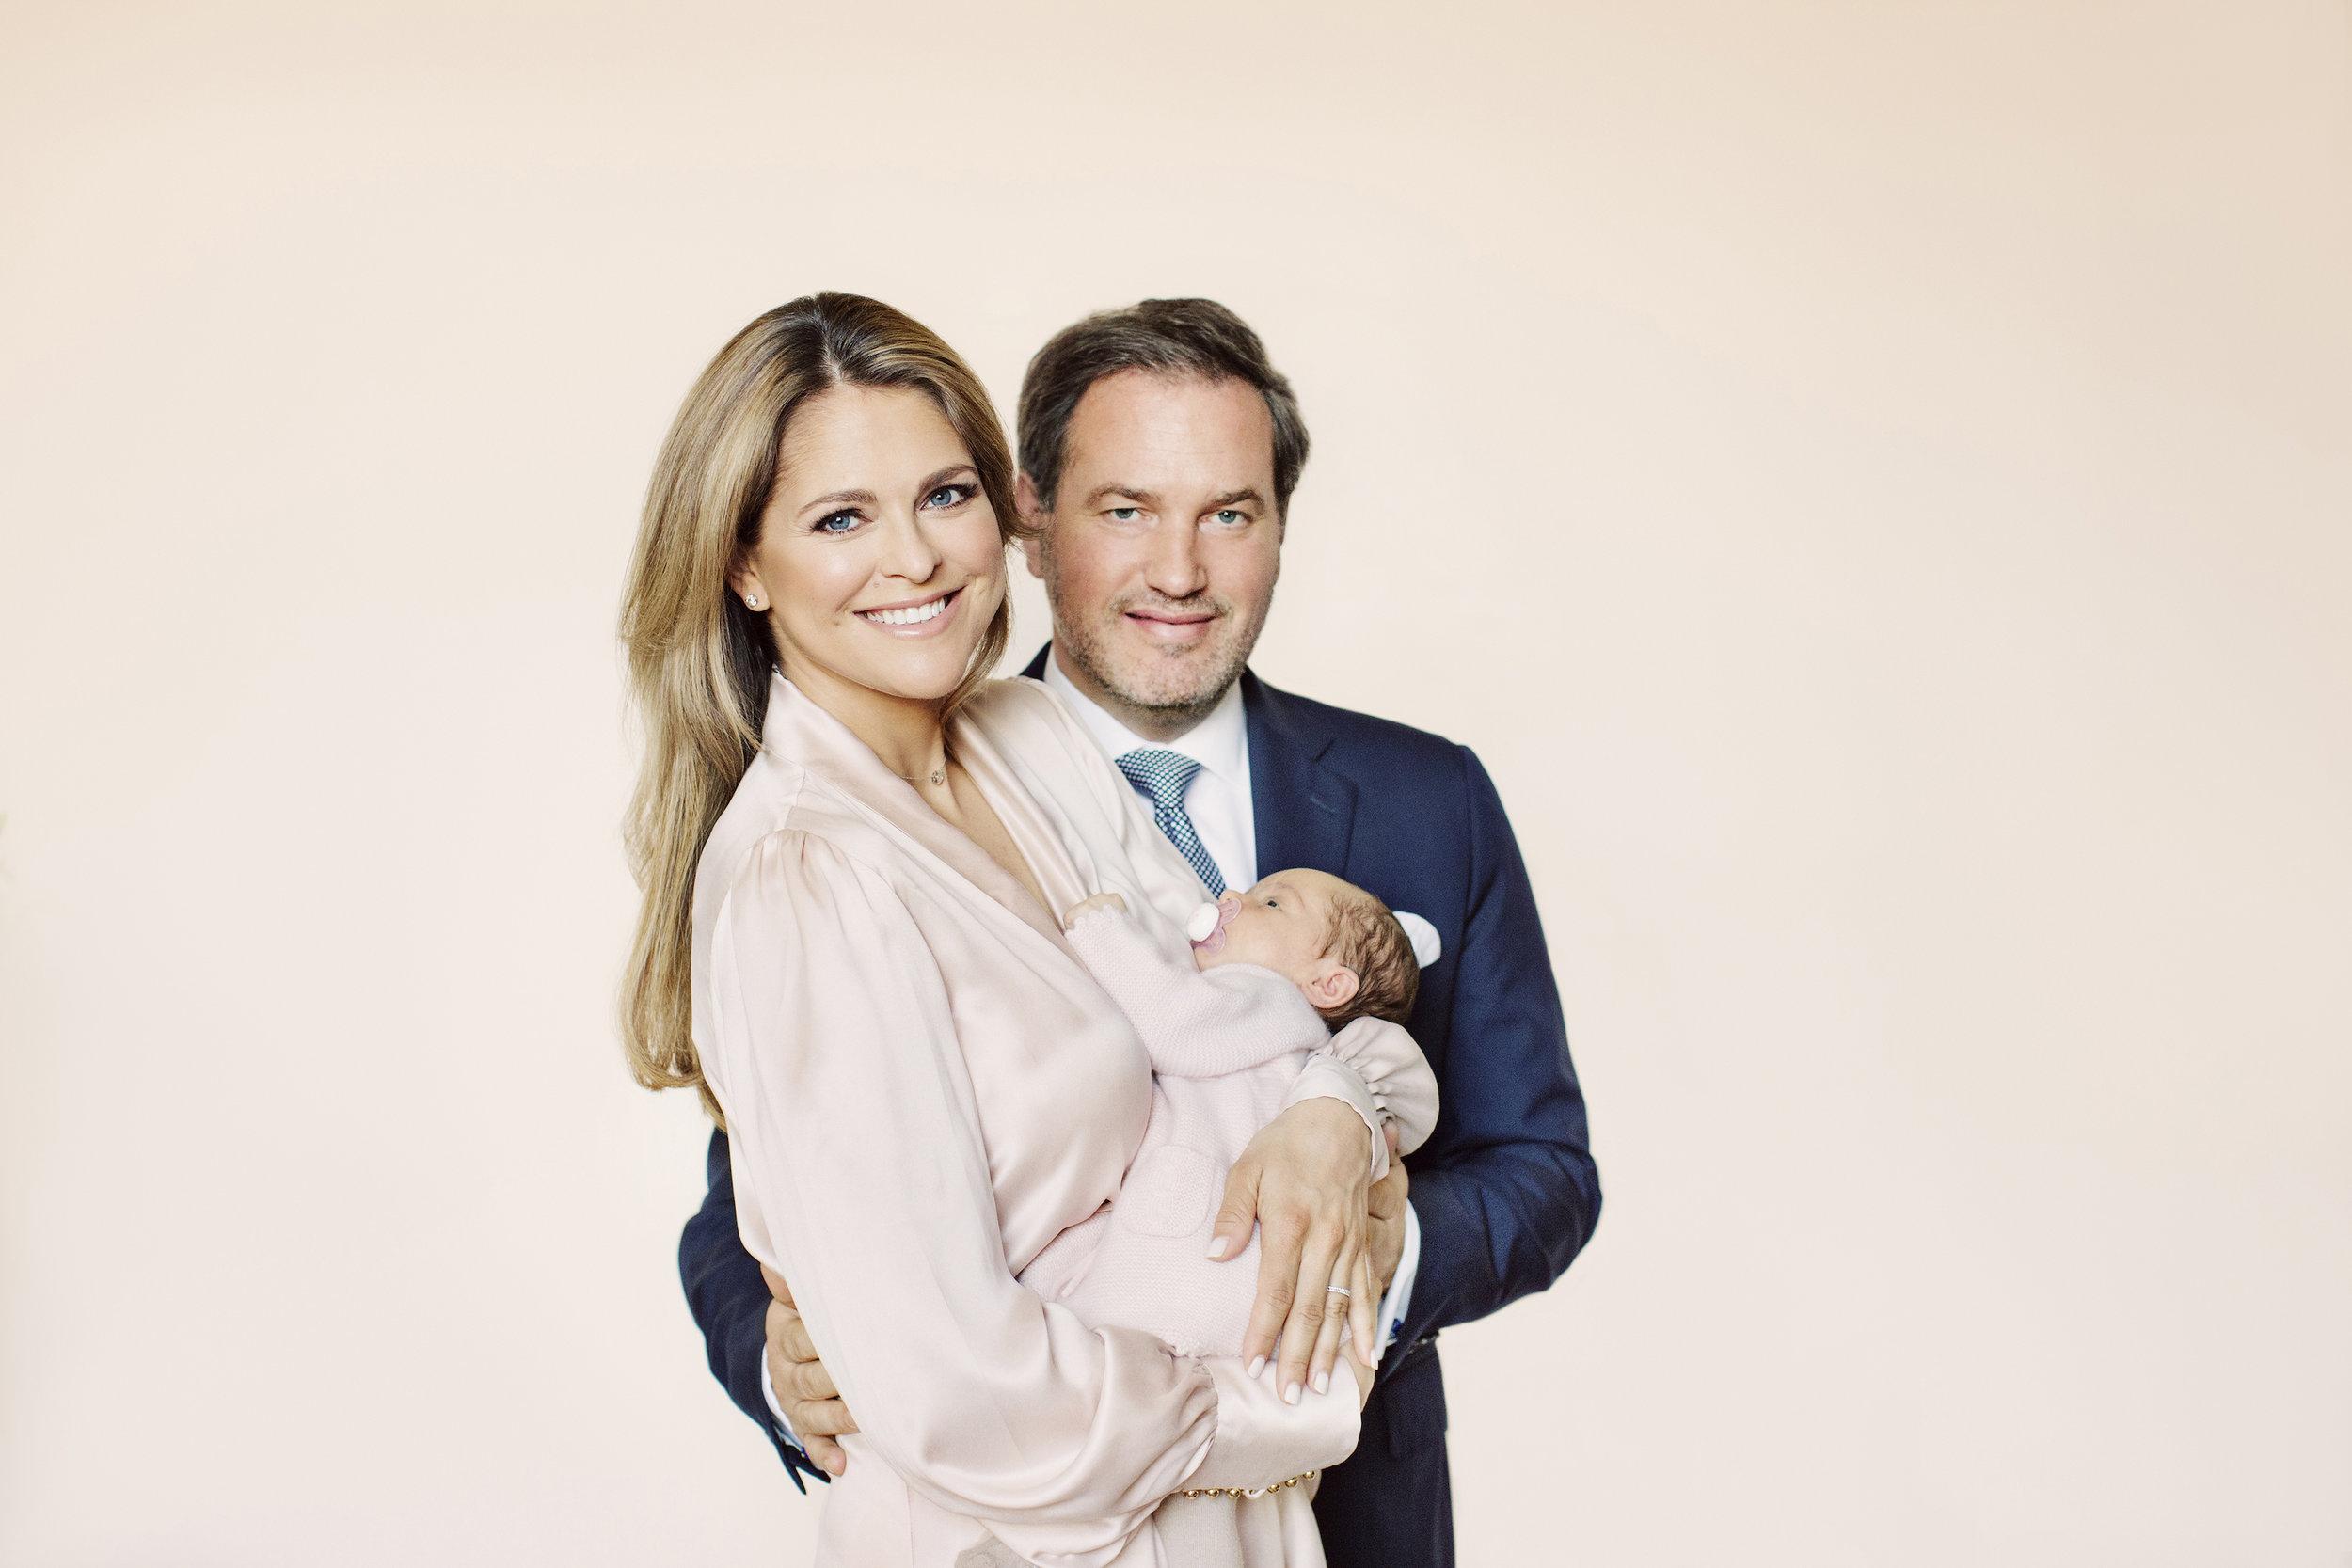 Prinzessin Madeleine strahlt vor Glück. Ihr Mann Chris O'Neill und sie wurden zum dritten Mal Eltern.  ©Erika Gerdemark, Kungahuset